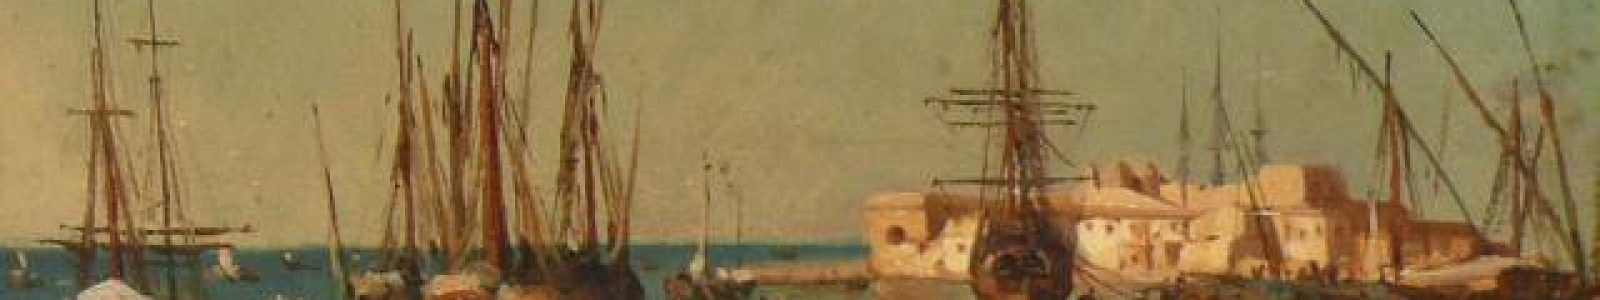 Auction 107: Art & аntiques